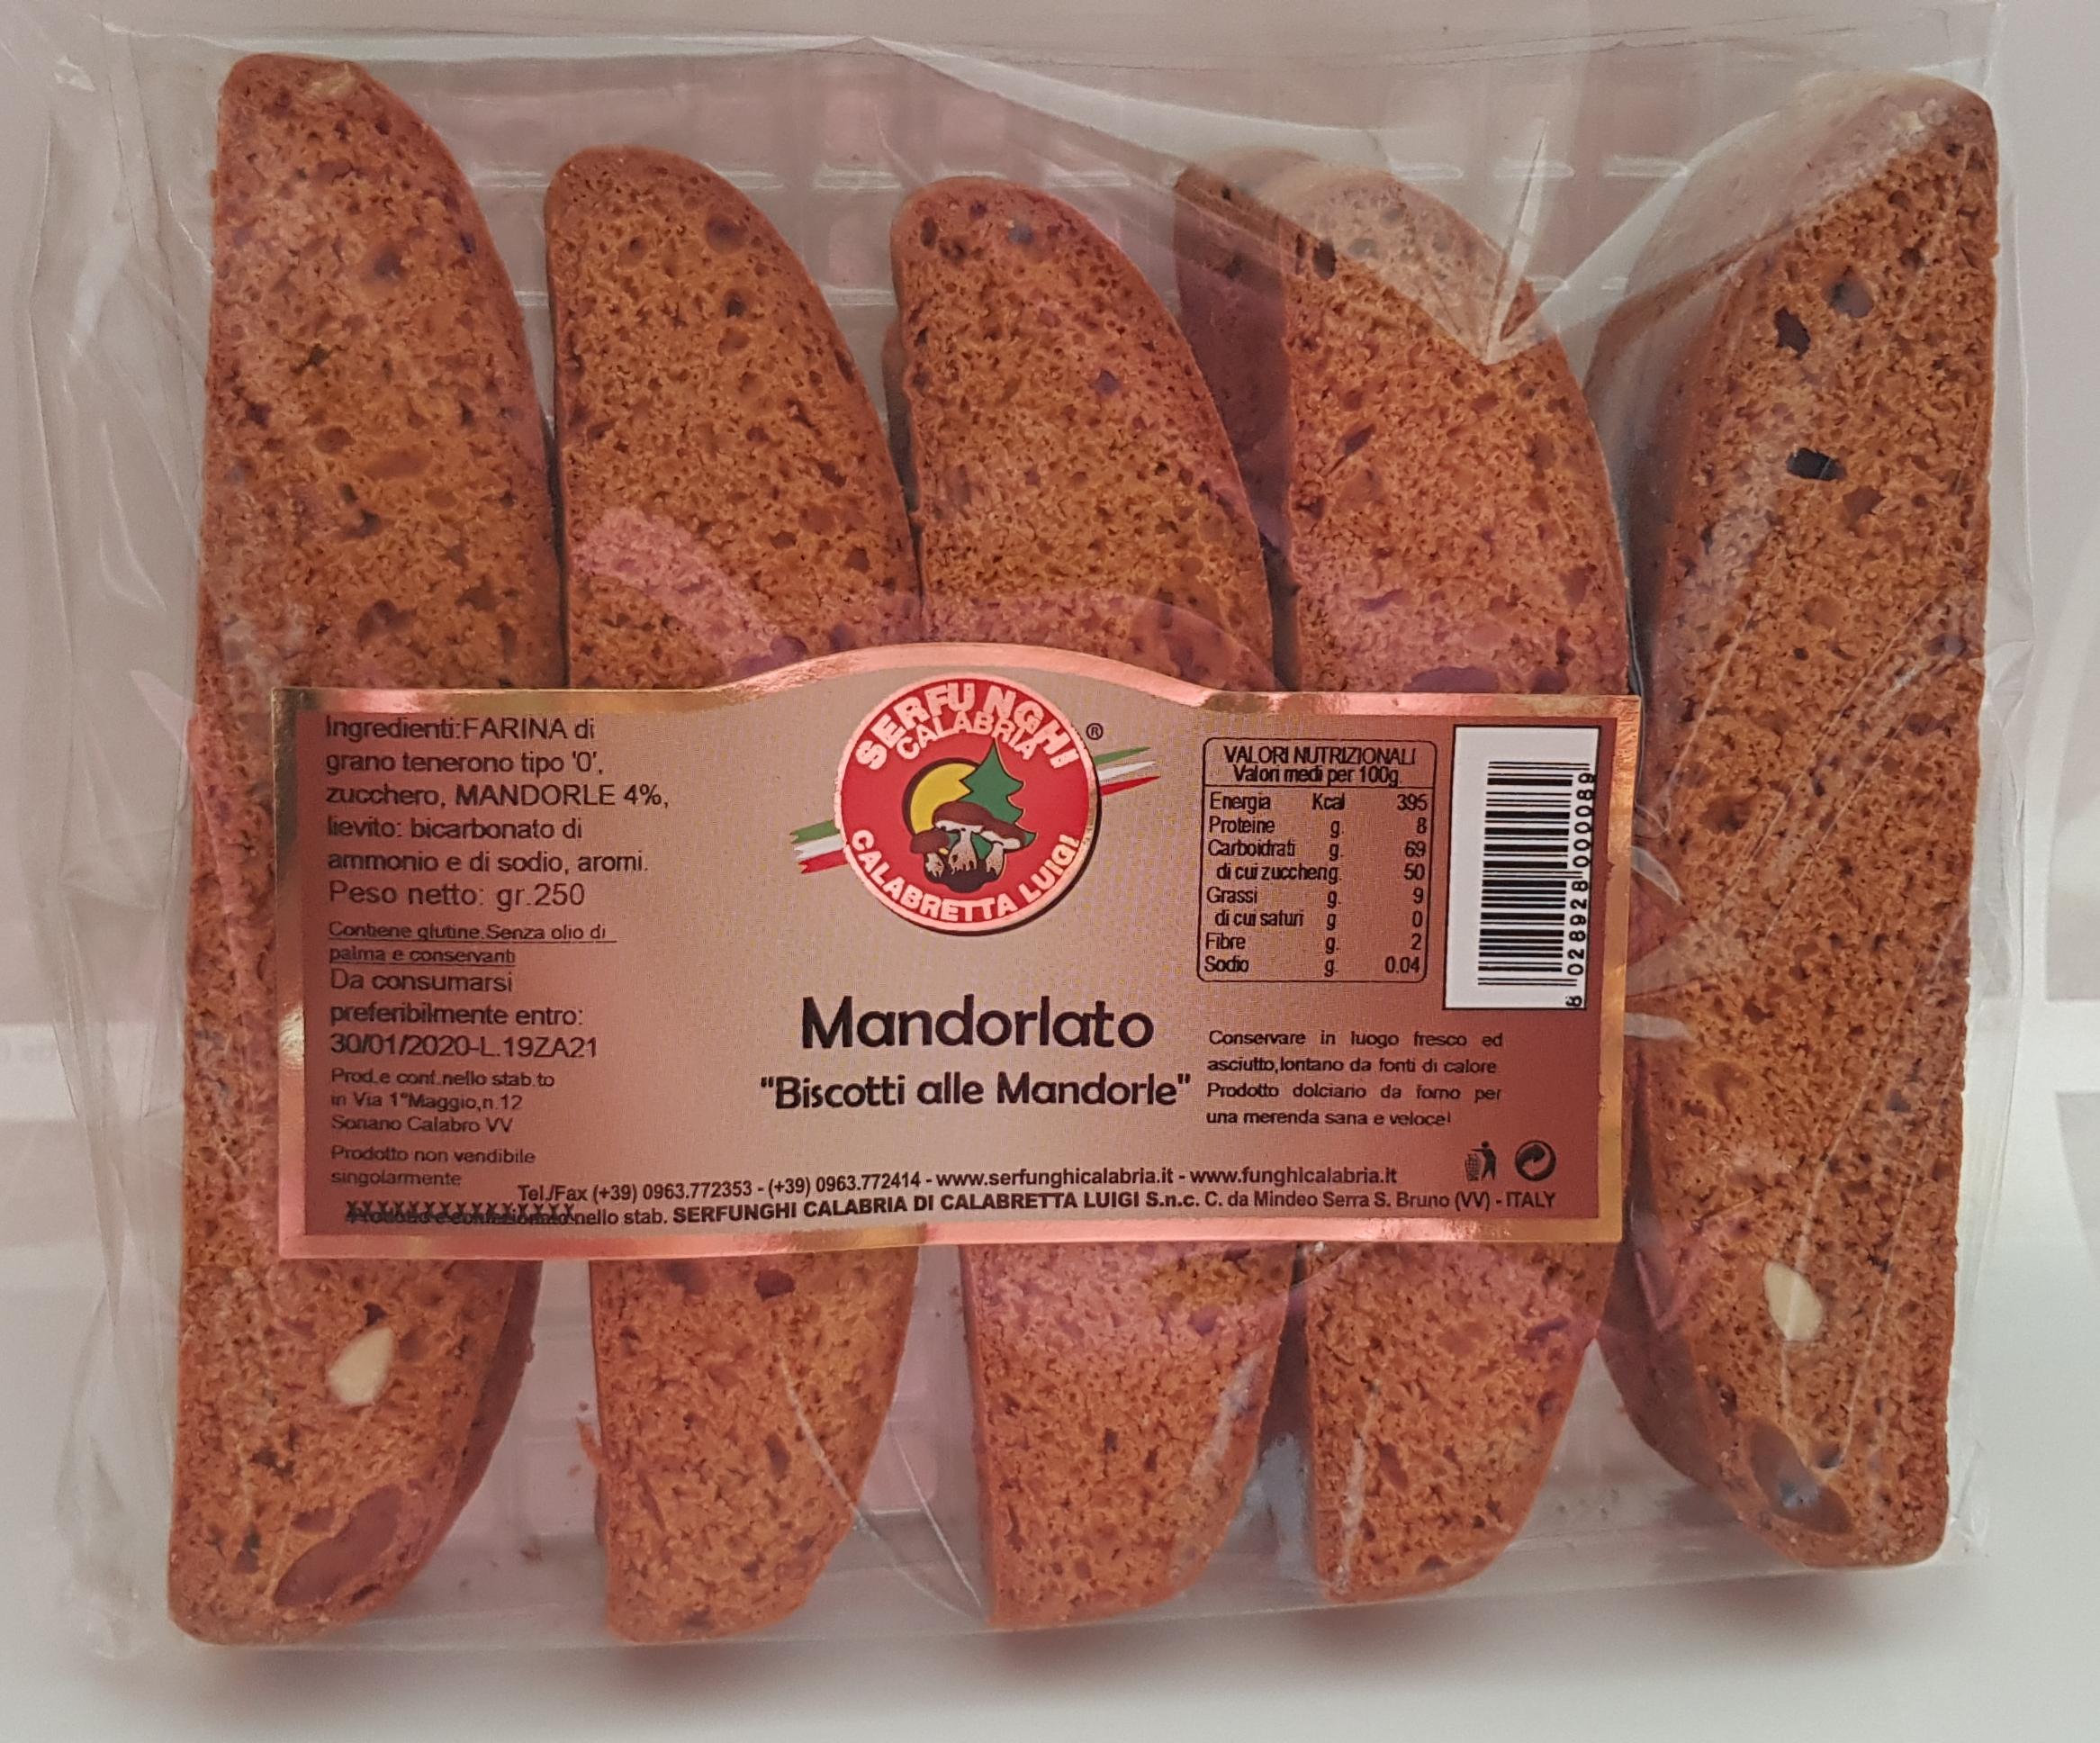 MANDORLATO ^^BISCOTTI ALLE MANDORLE^^ GR 250